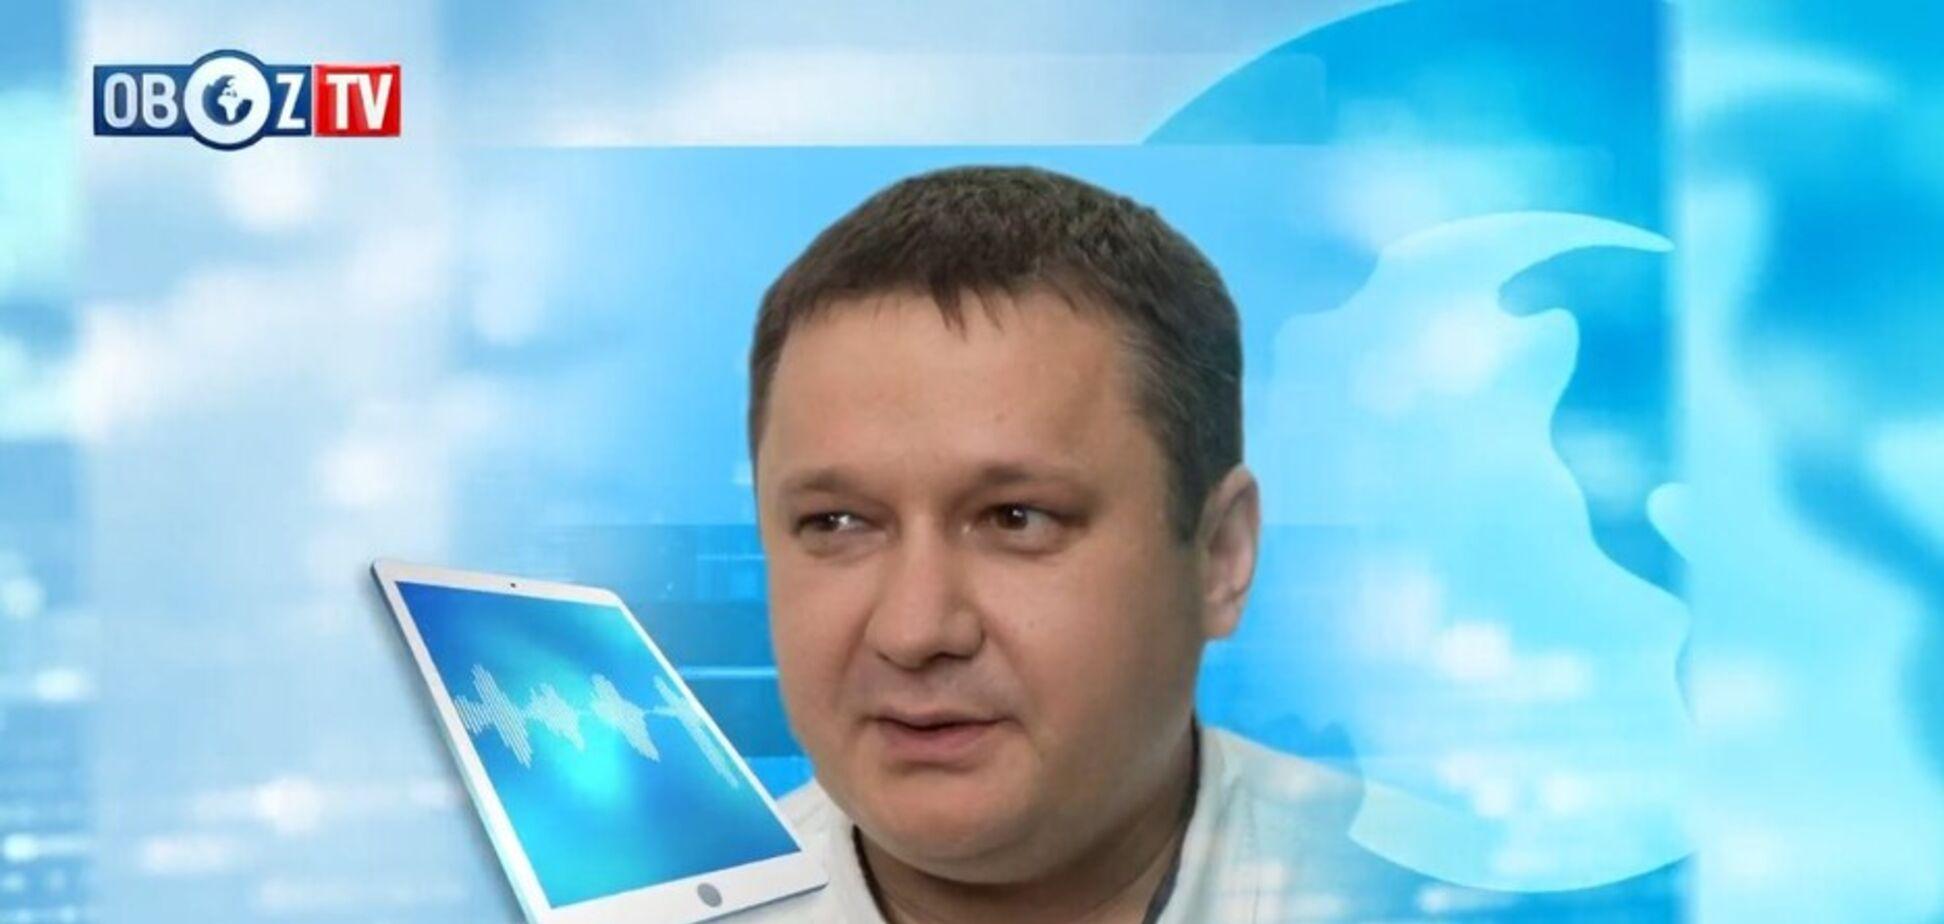 'Повна вакханалія': в Україні почали 'купувати' виборців заздалегідь